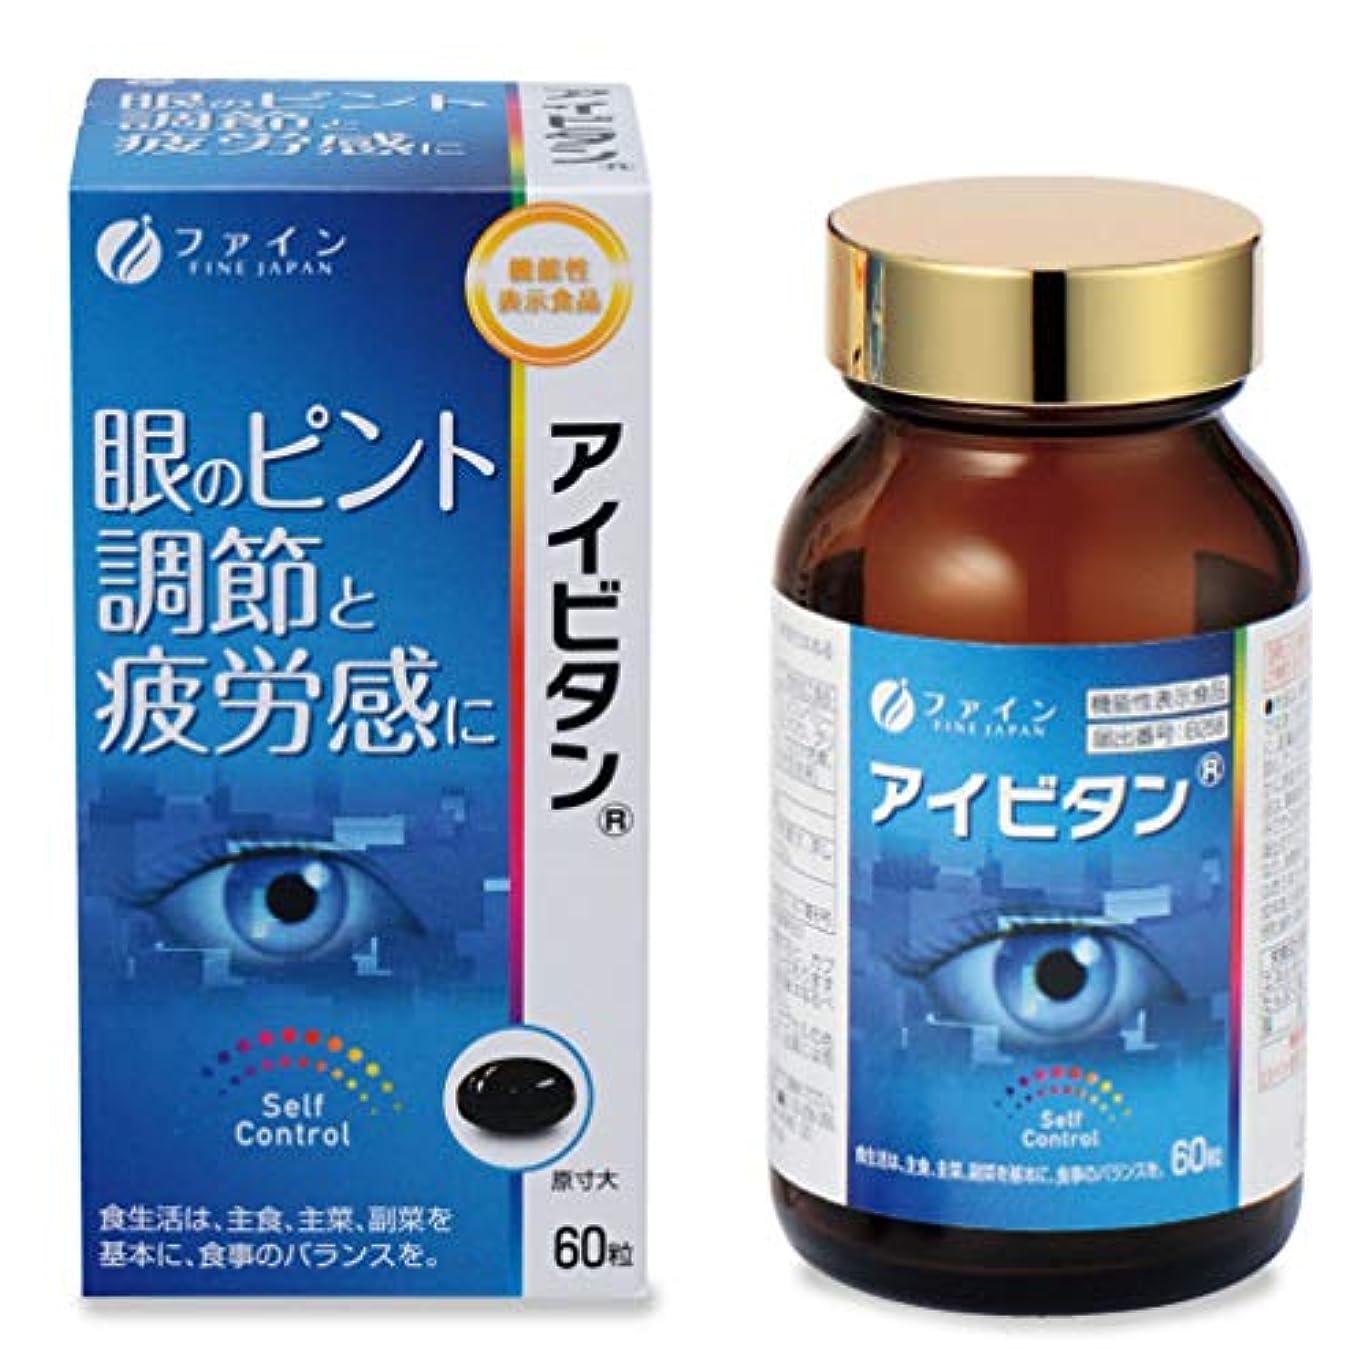 主観的またはどちらかアノイファイン 機能性表示食品 アイビタン 30日分(60粒) アントシアニン 配合